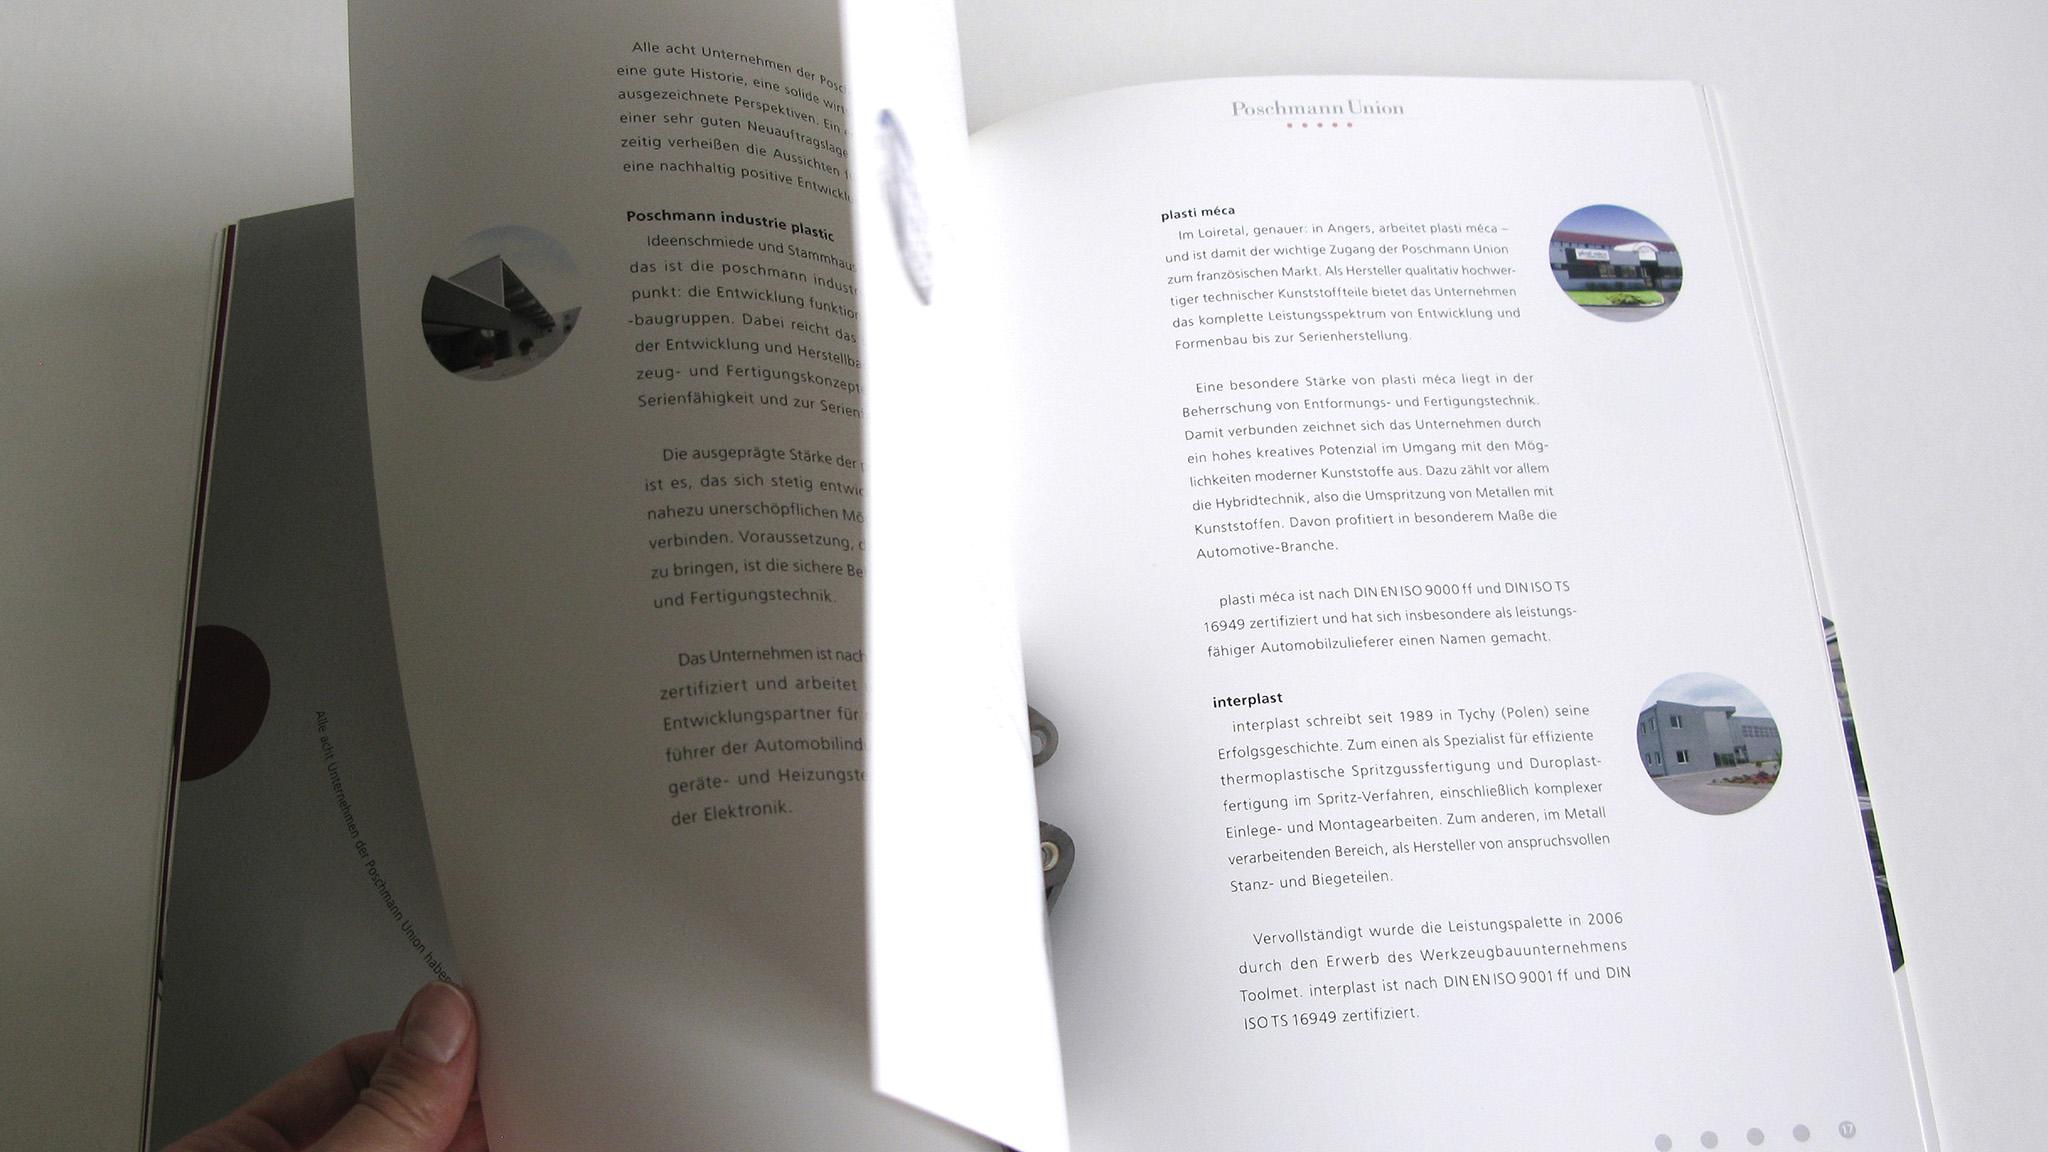 Poschmann_Broschüre Genussrechte 2048x1152px2